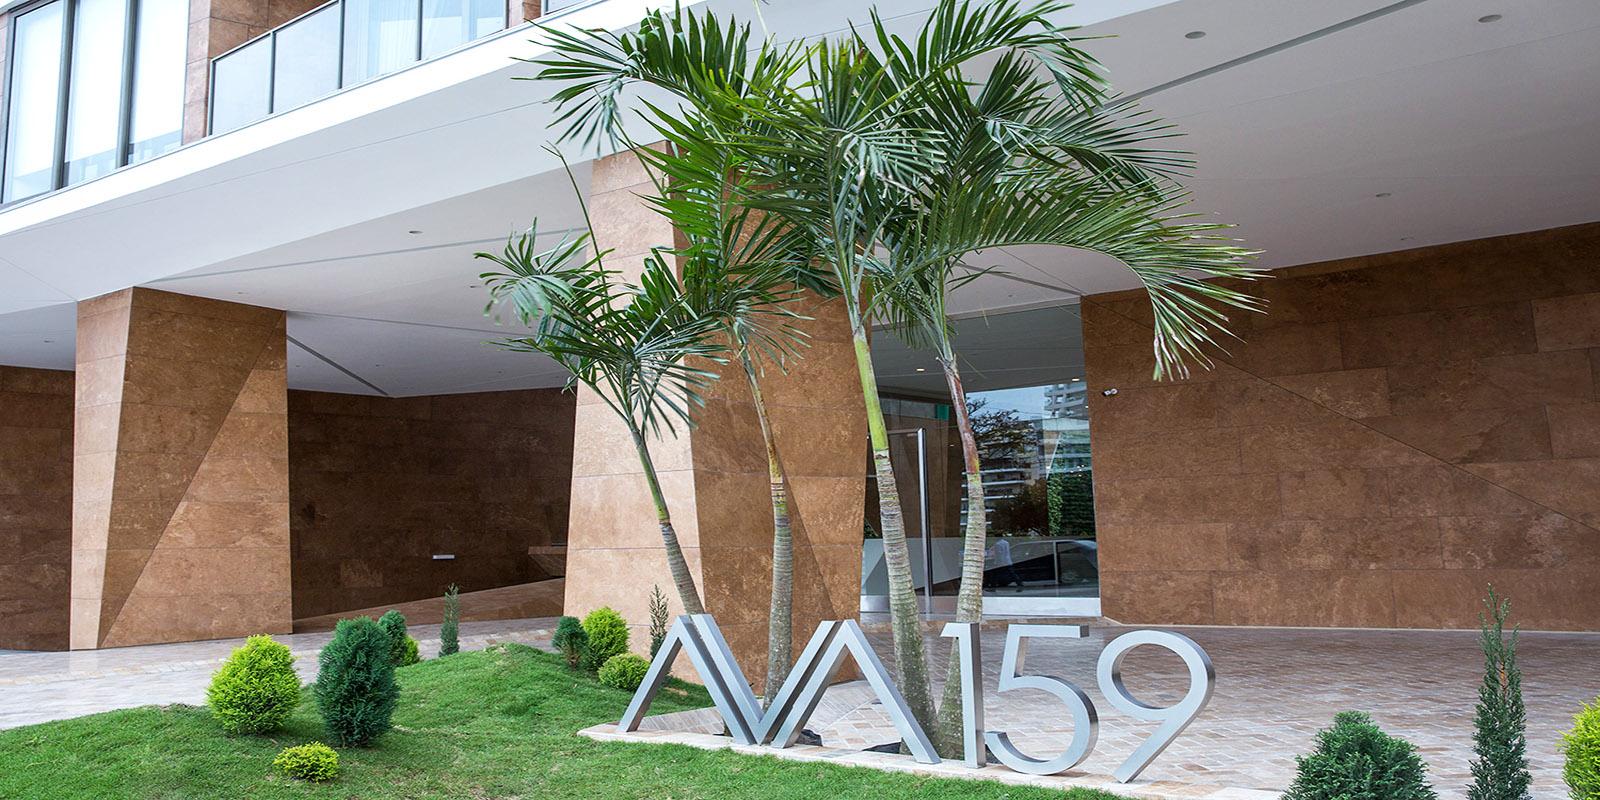 Edificio AVA Lima Oct 2016 _CD_3408b